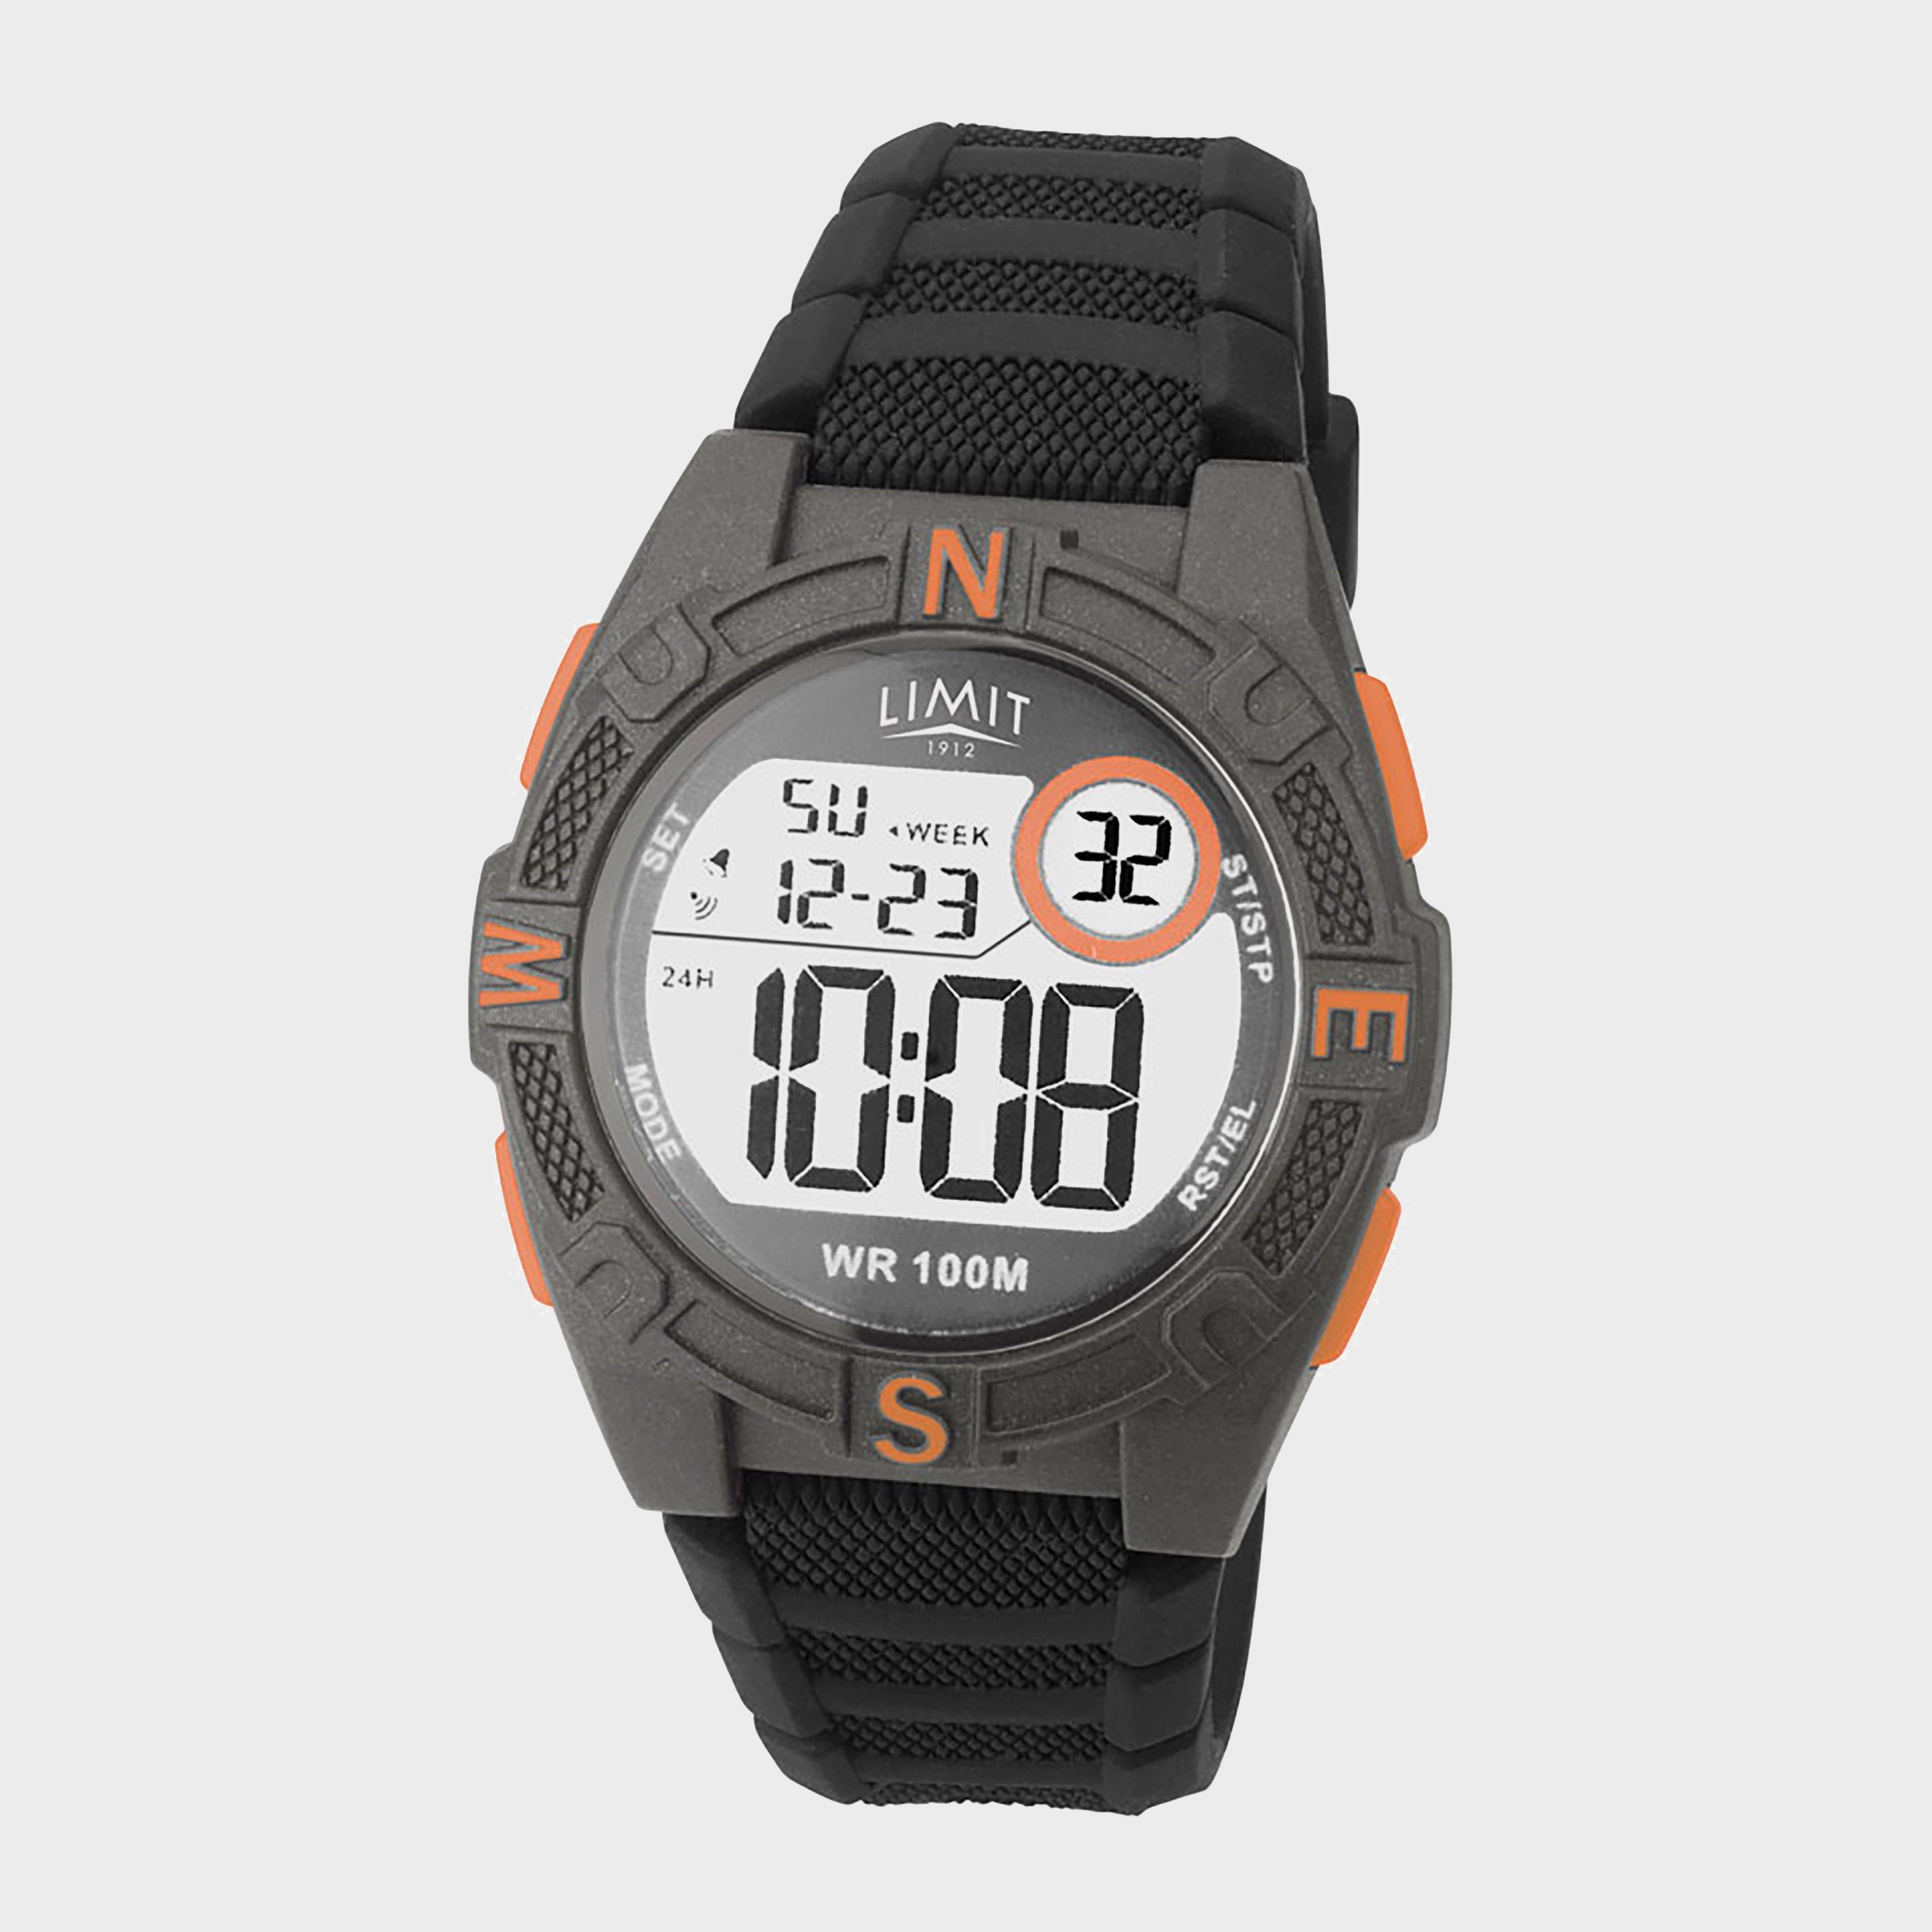 Limit Limit 5695.67 Digital Watch - Black/Grey, Black/Grey